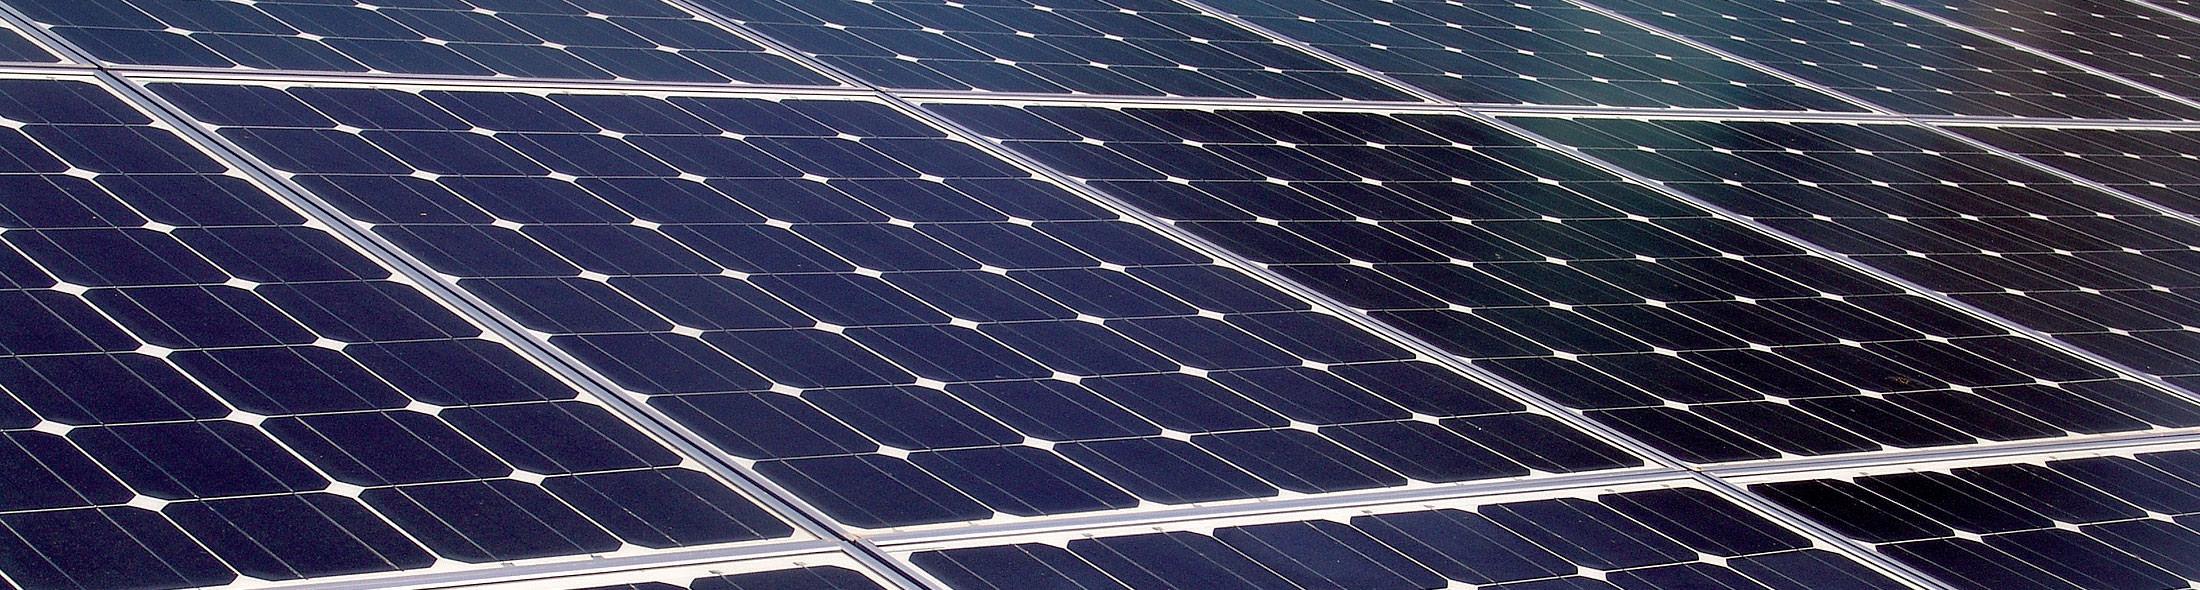 Napelem fórum avagy napelemes fórumok megújuló energiában!